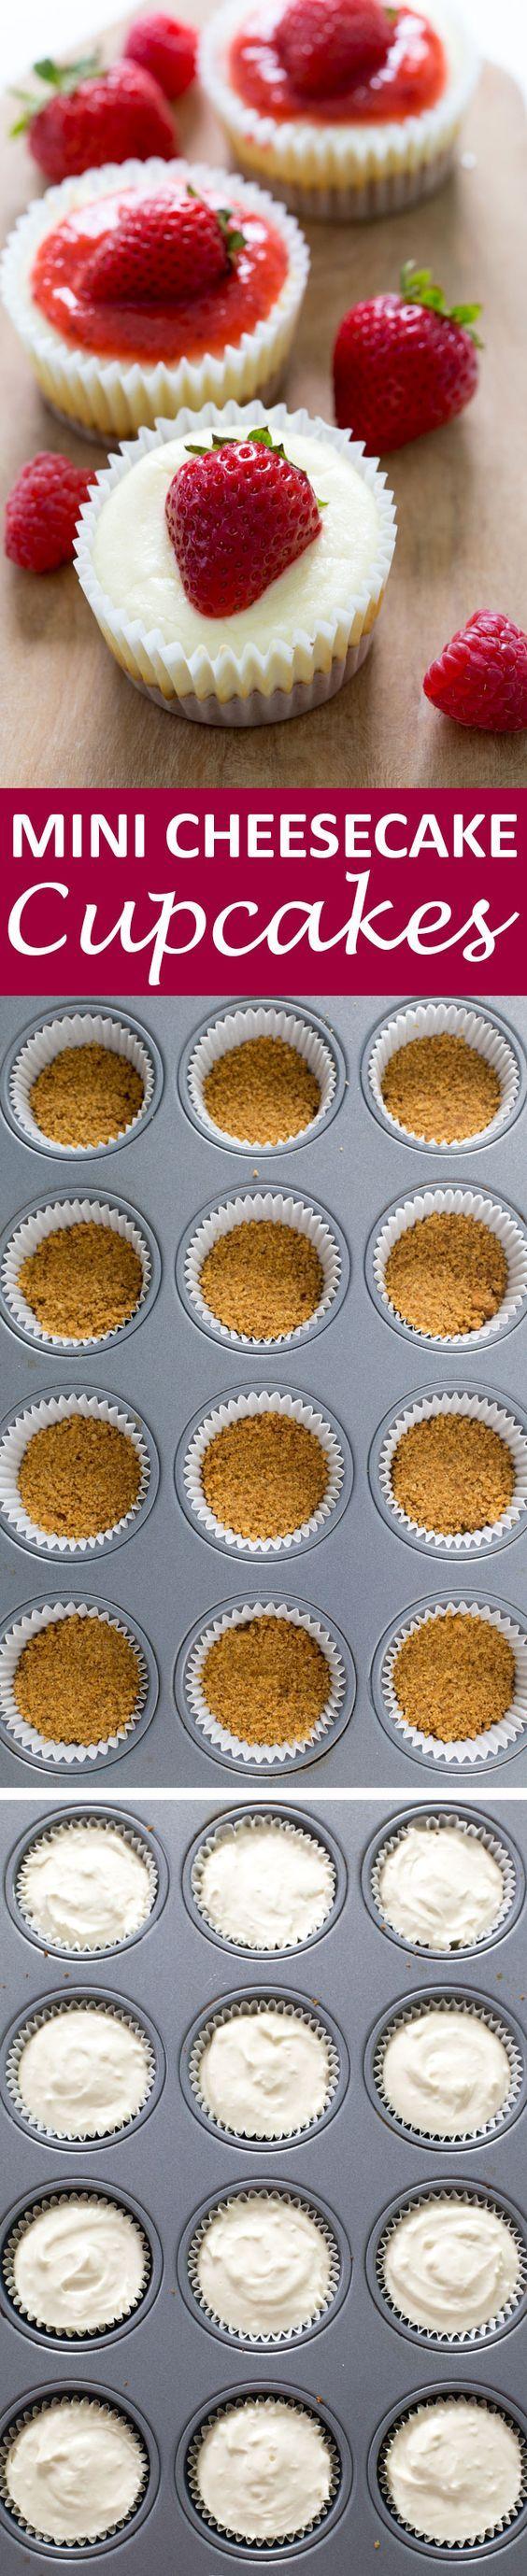 Kwarktaart cupcakes, weer eens wat anders en zo veel makkelijker serveren. van: www.chefsavvy.com